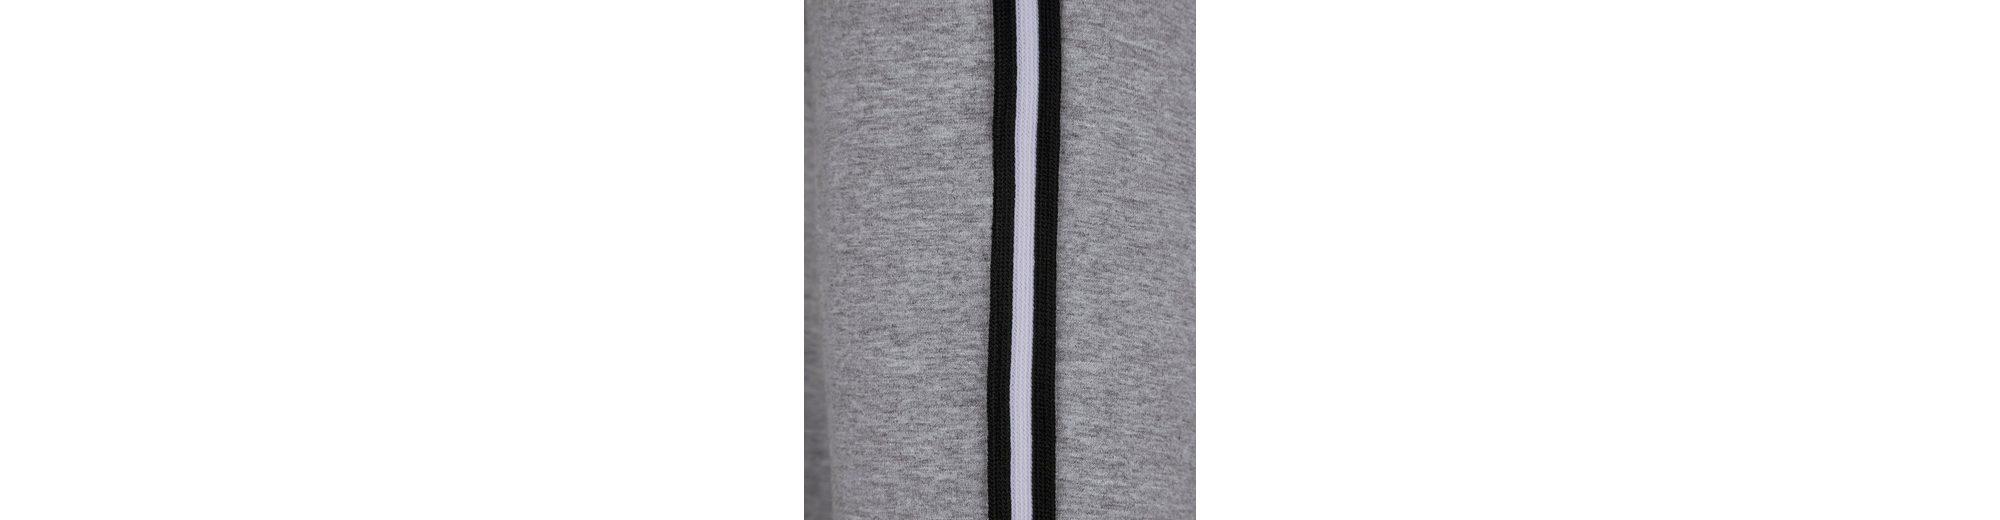 MIAMODA Shirt mit Raglanärmeln Footlocker Verkauf Online Fabrikverkauf Eastbay Günstigen Preis Klassische Online-Verkauf Billig Verkauf Visum Zahlung Dvy9WPo